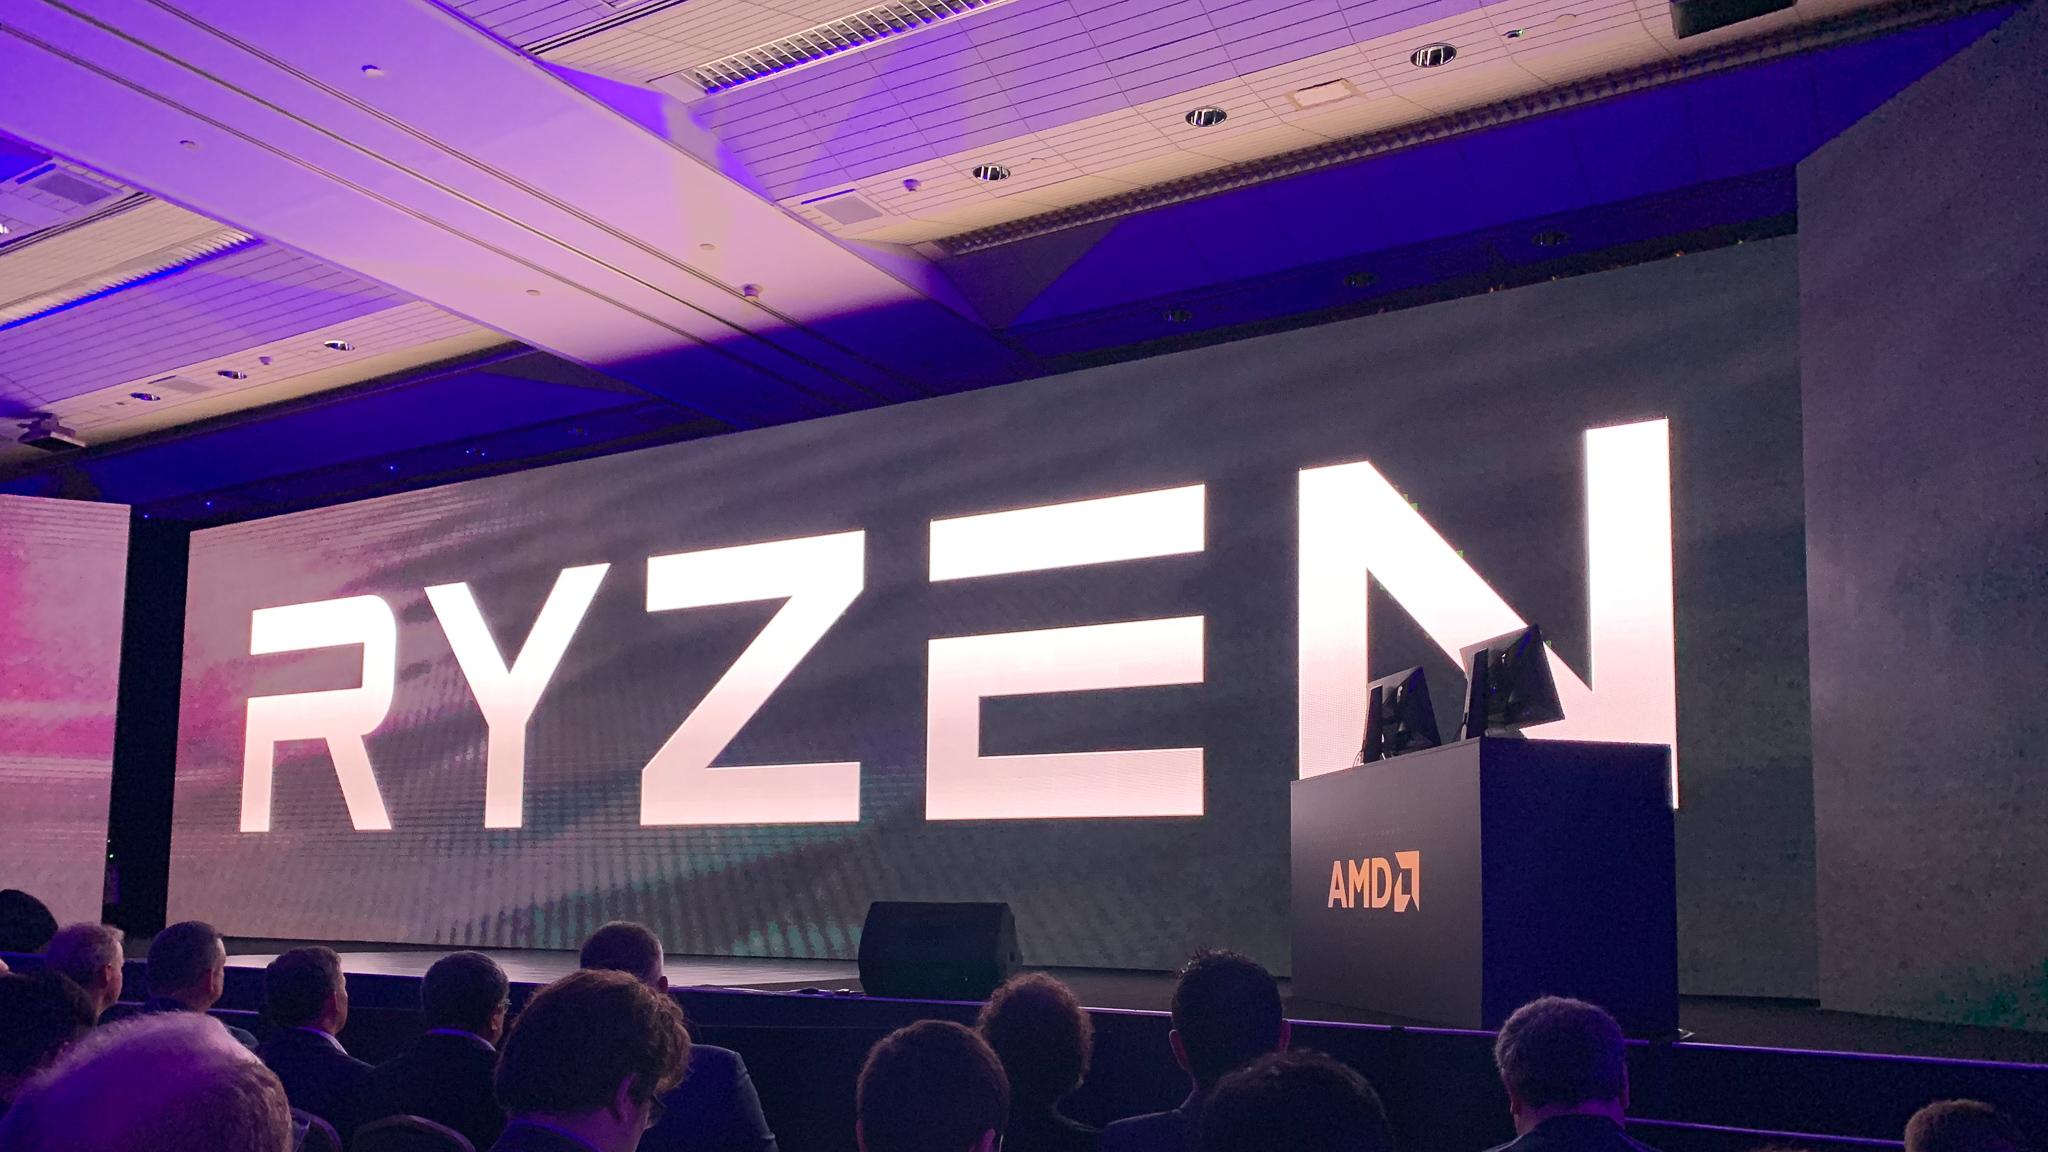 AMD to release a Ryzen refresh before Zen 2? | OC3D News